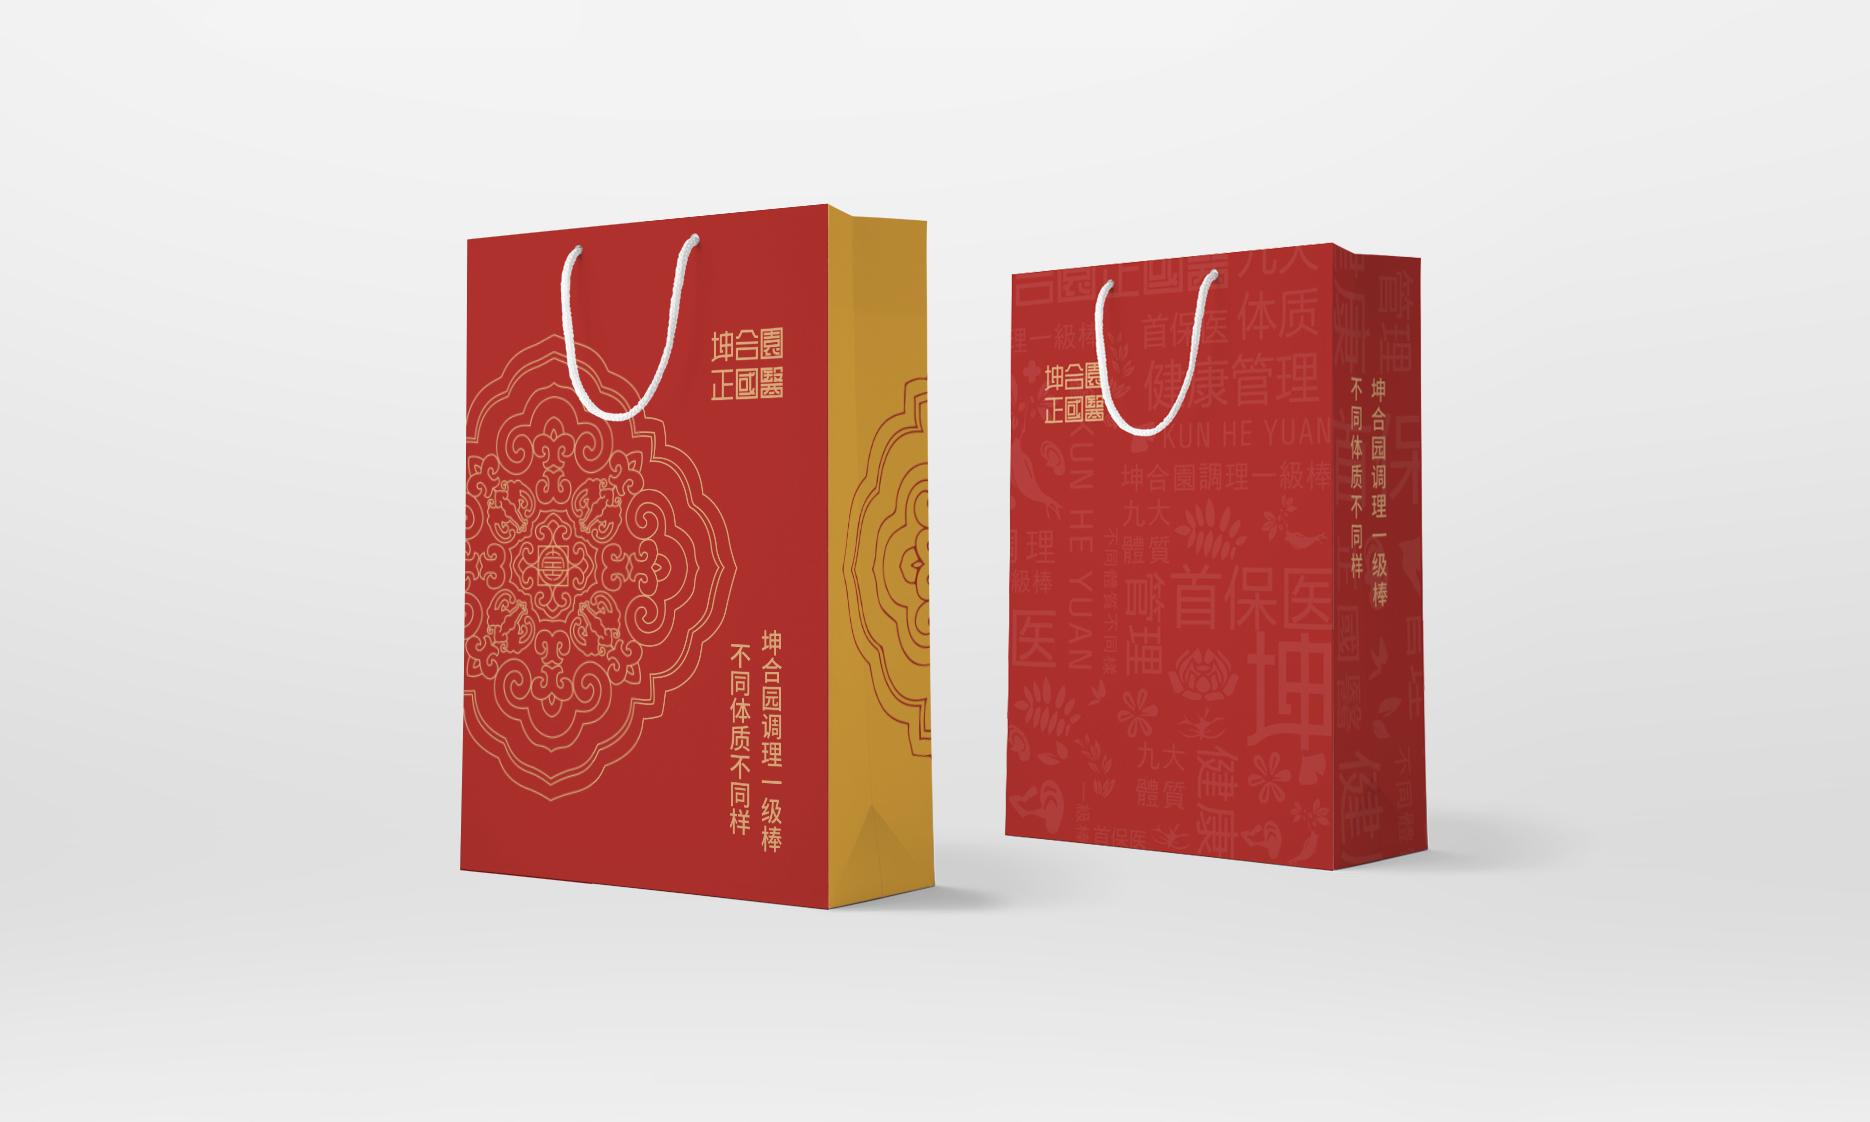 坤合园正国医品牌定位创建:手提袋设计